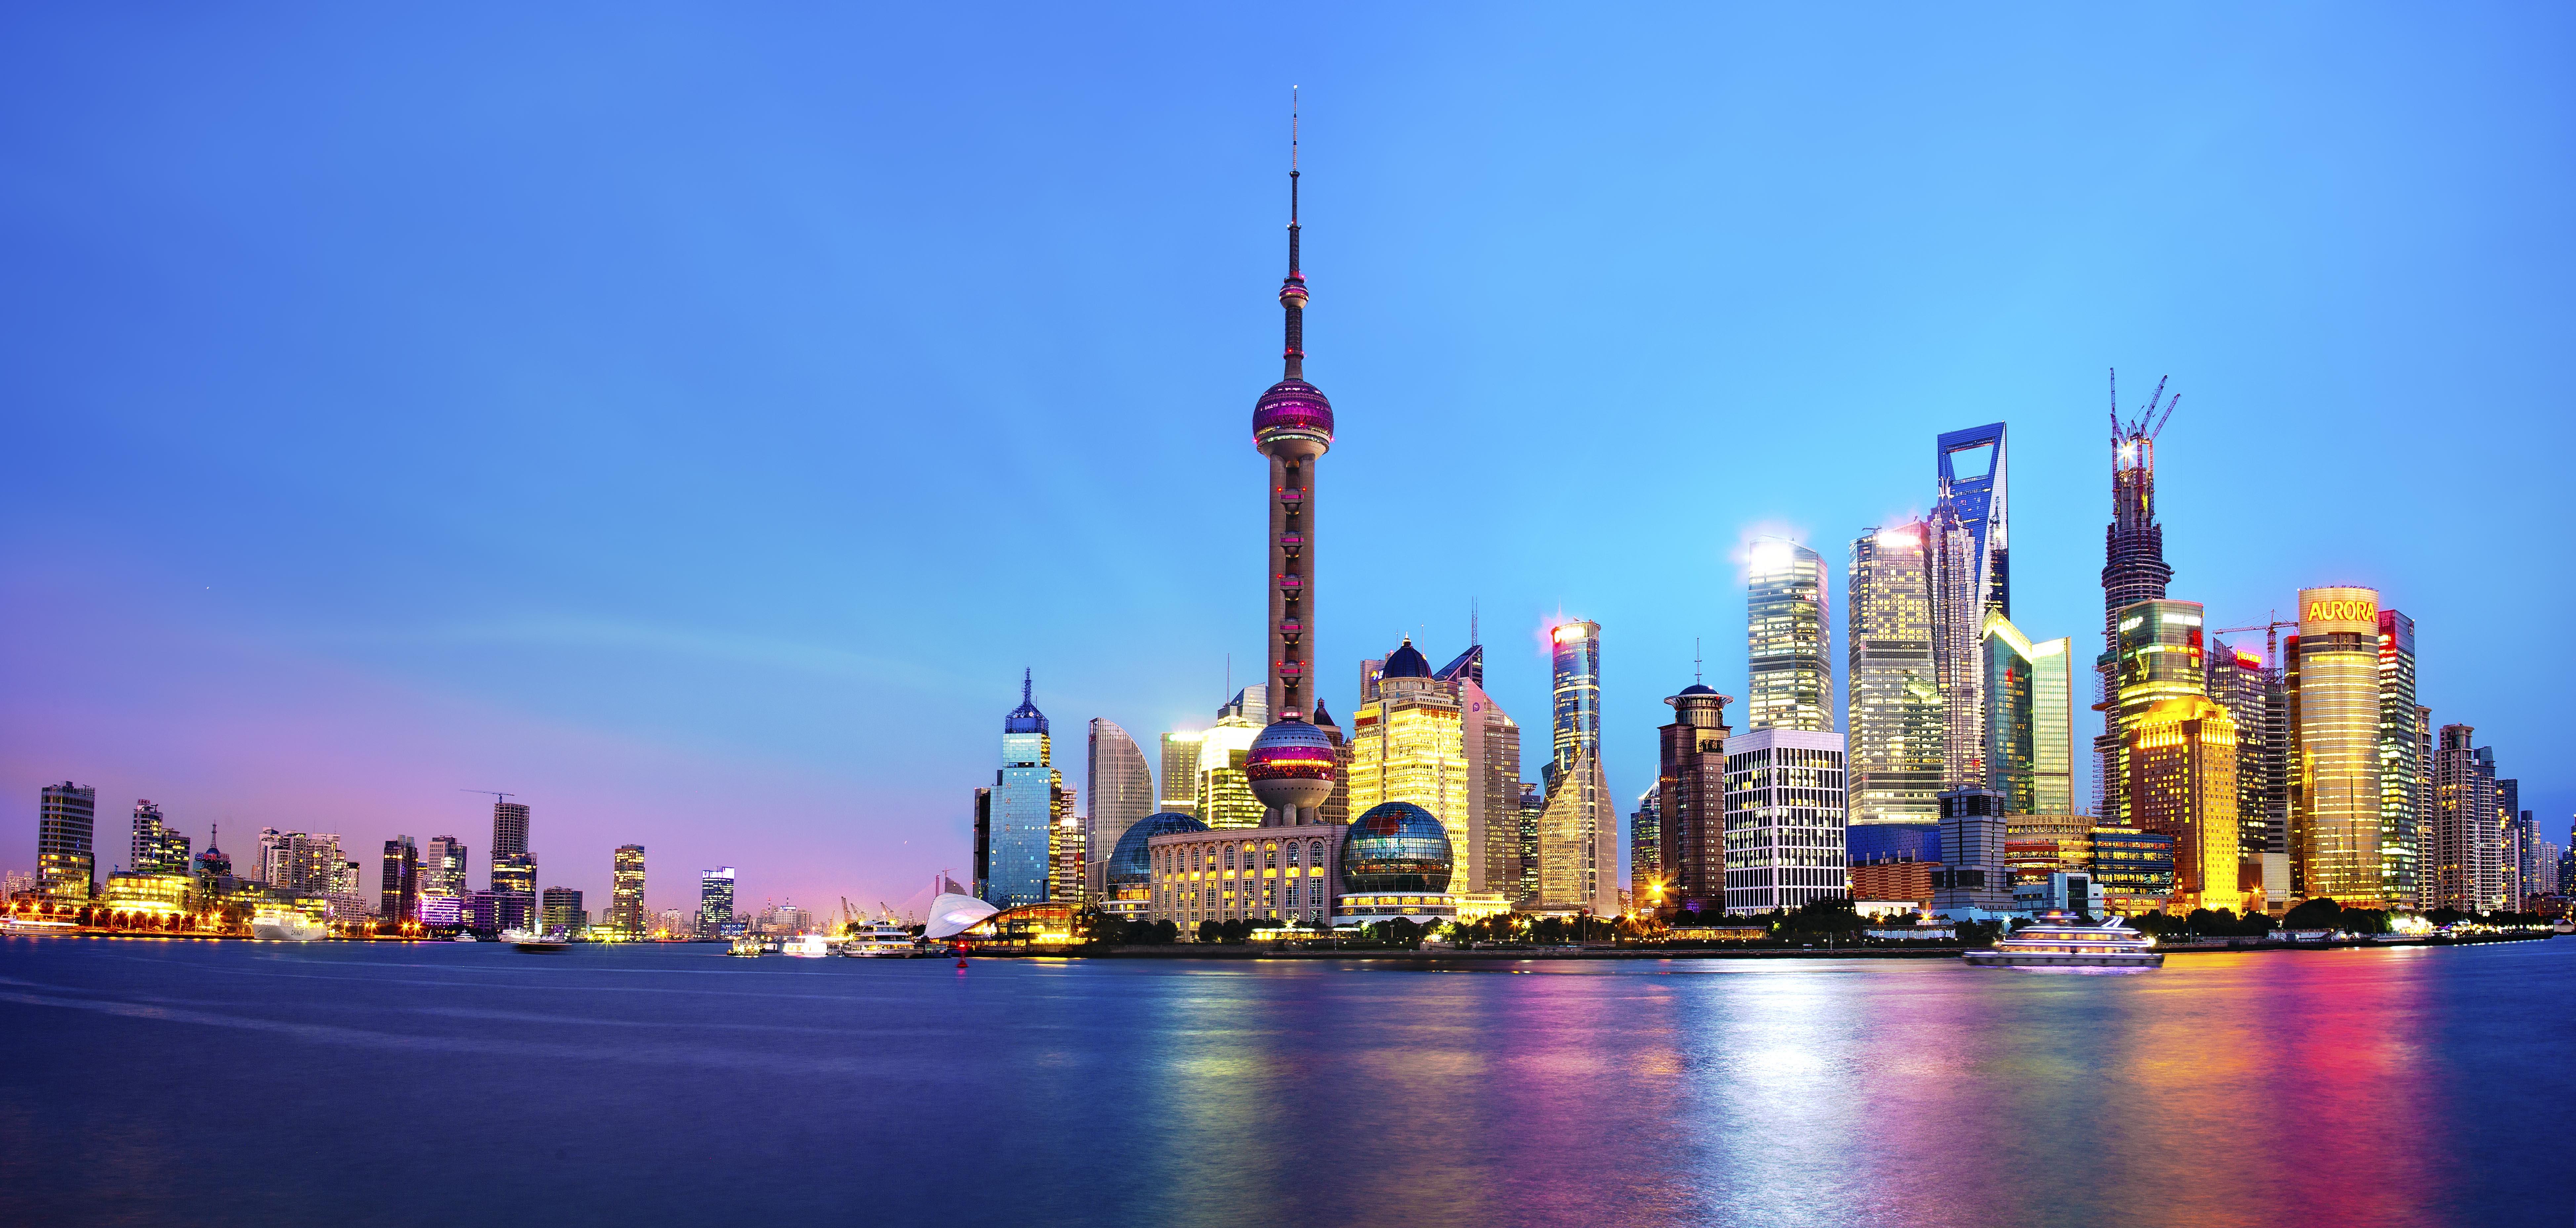 1280x720 Wallpaper Shanghai ...